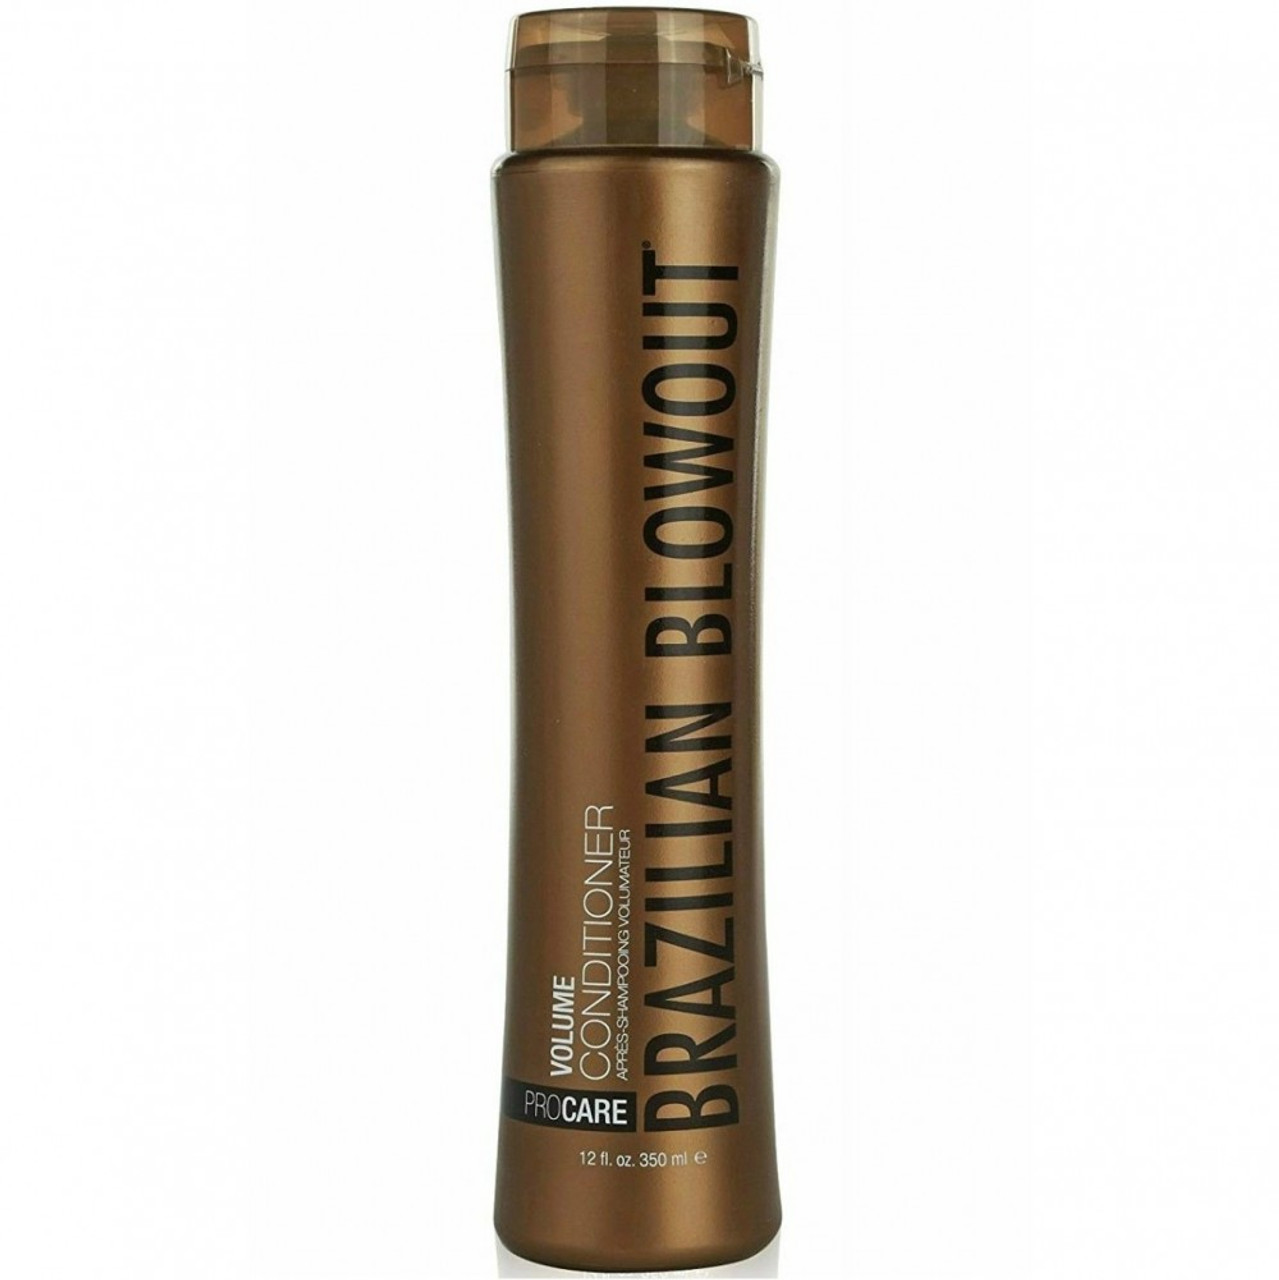 Brazilian Blowout Volume Conditioner 12 oz